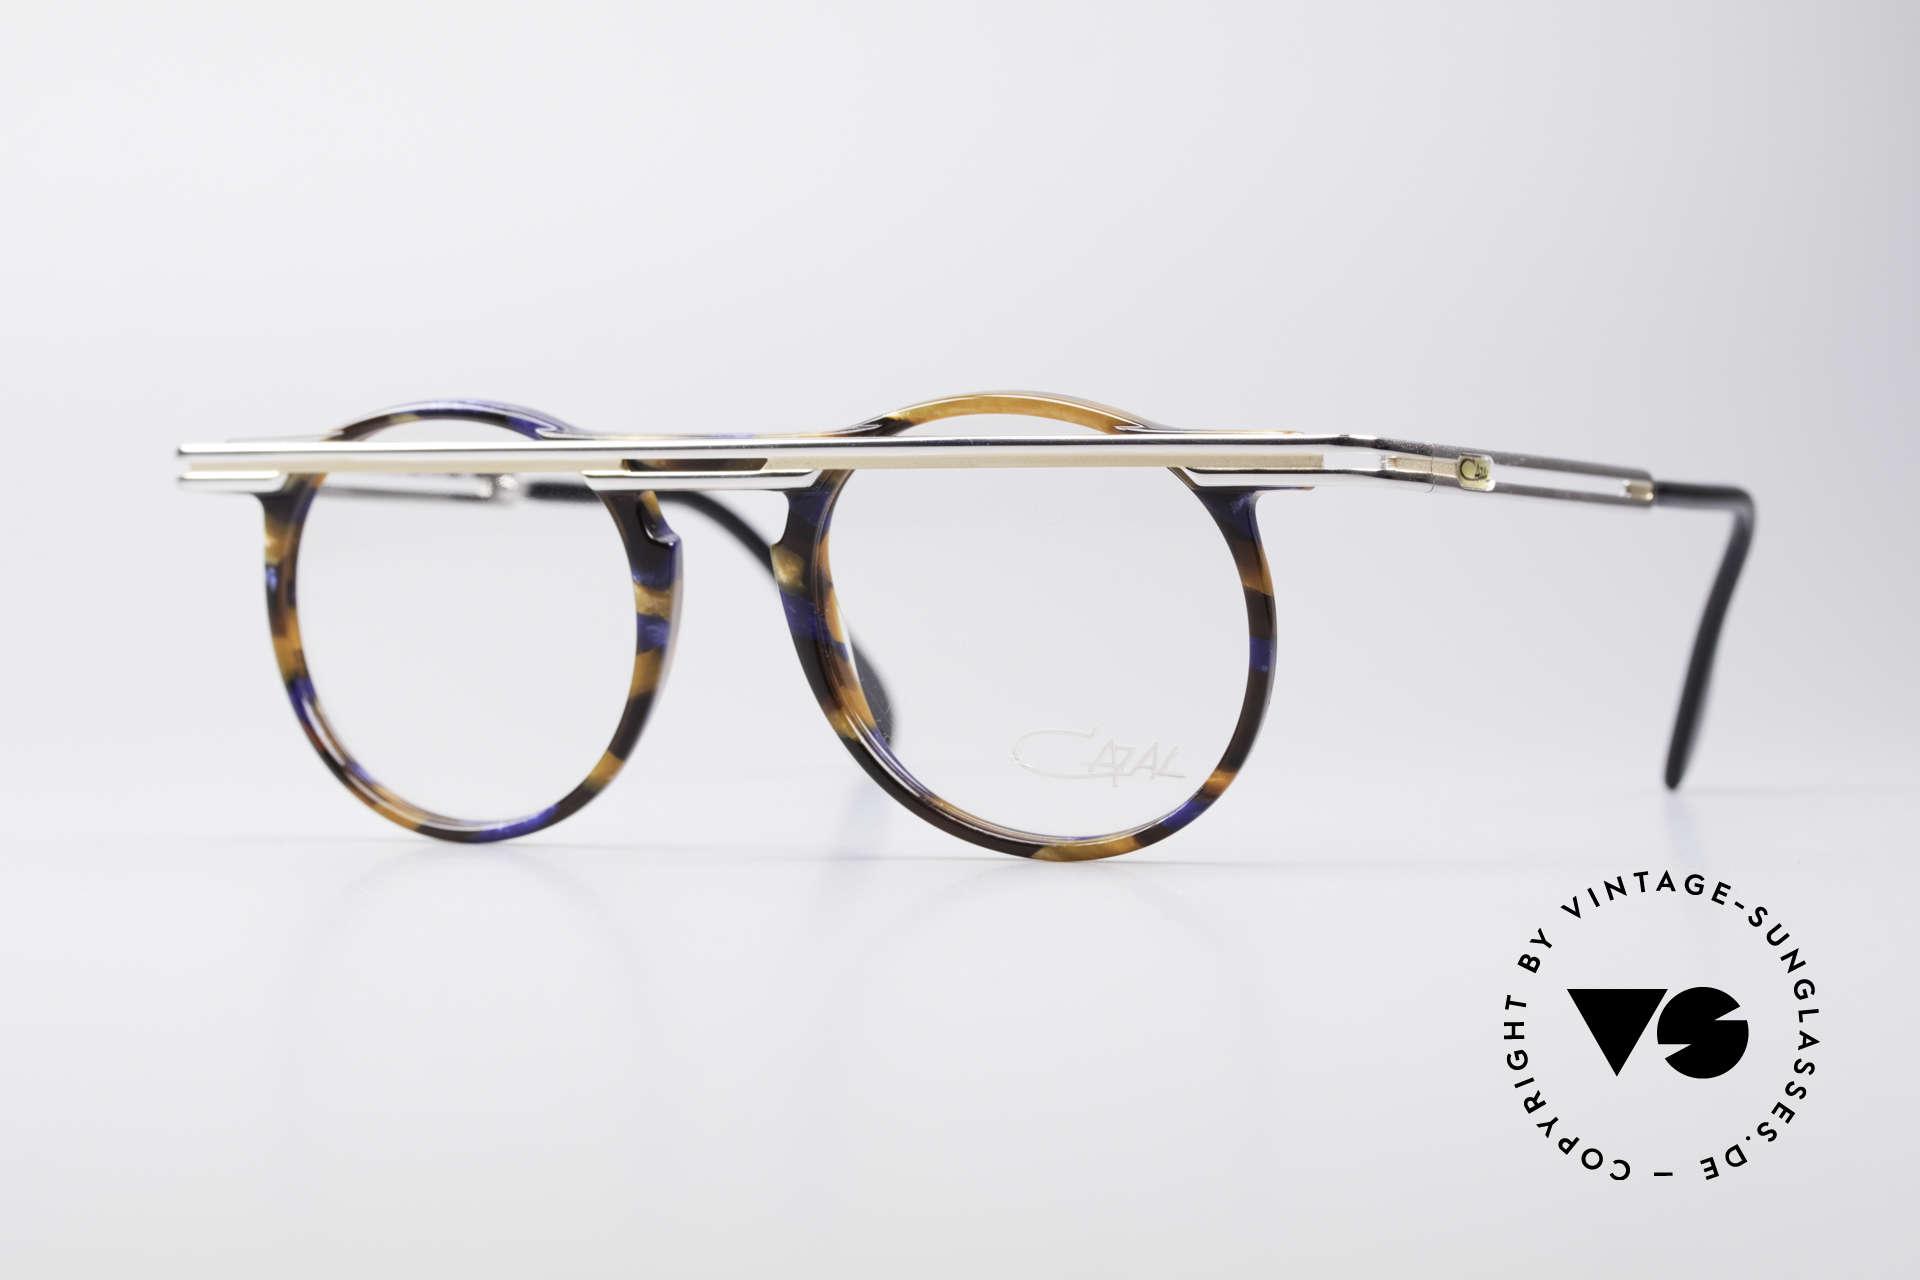 Cazal 648 Cari Zalloni 90er Vintage Brille, außergerwöhnliche Cazal vintage Brille von 1990, Passend für Herren und Damen